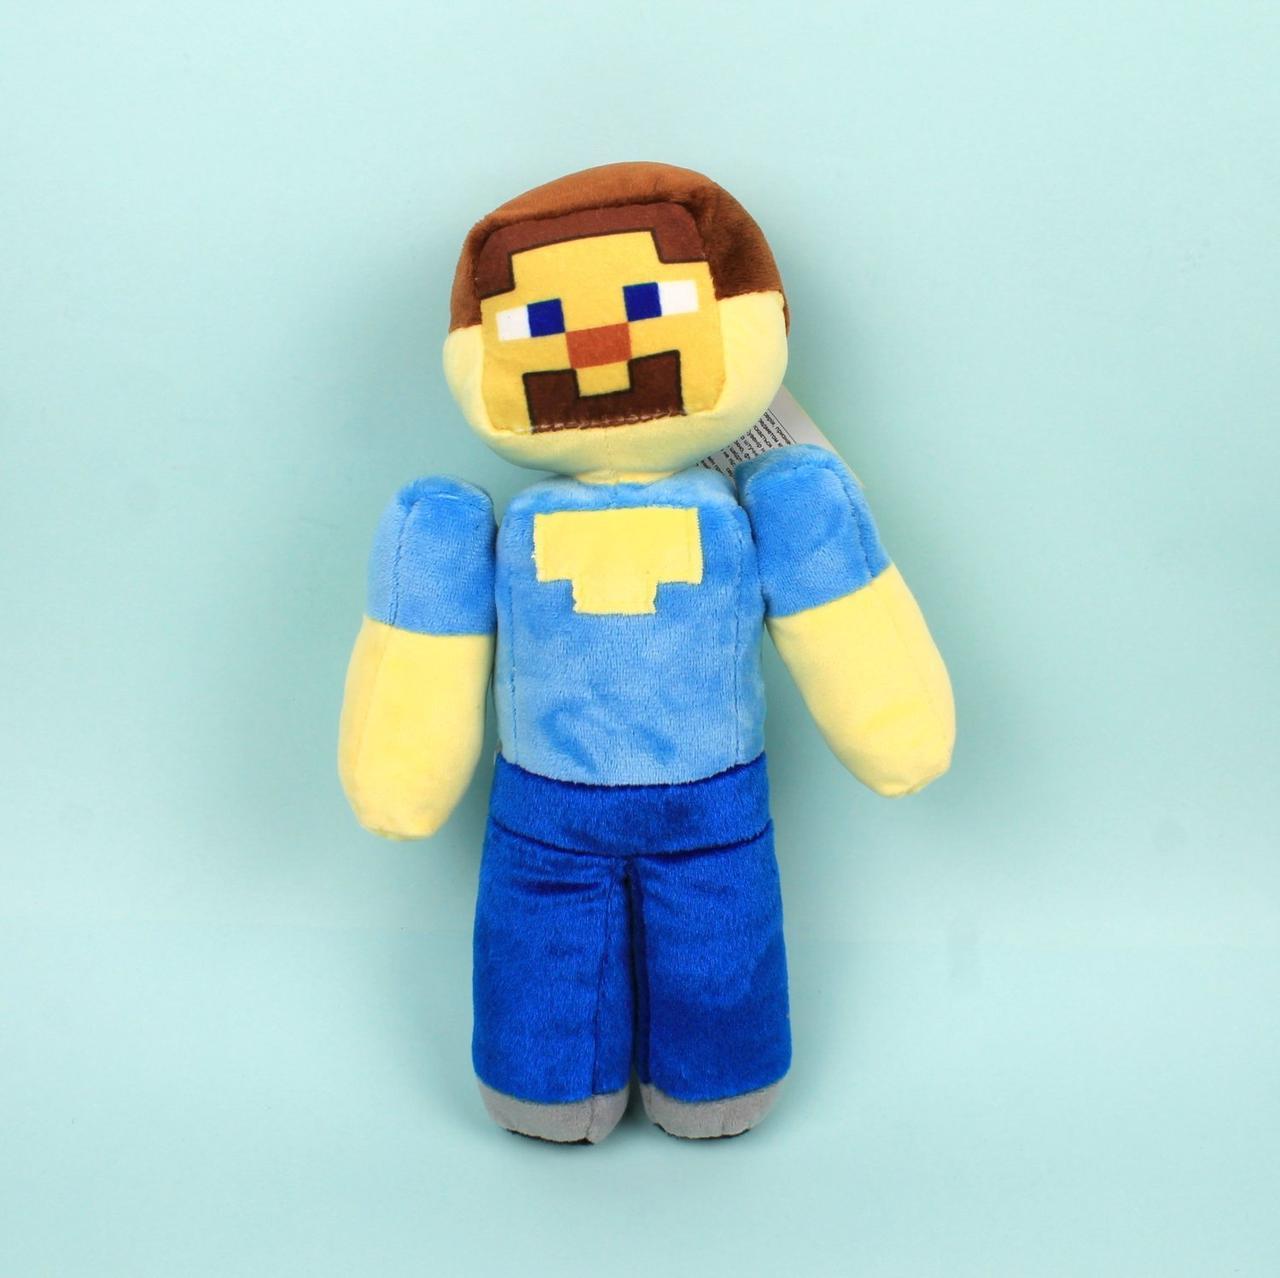 00663-7 Мягкая игрушка Стив Майнкрафт